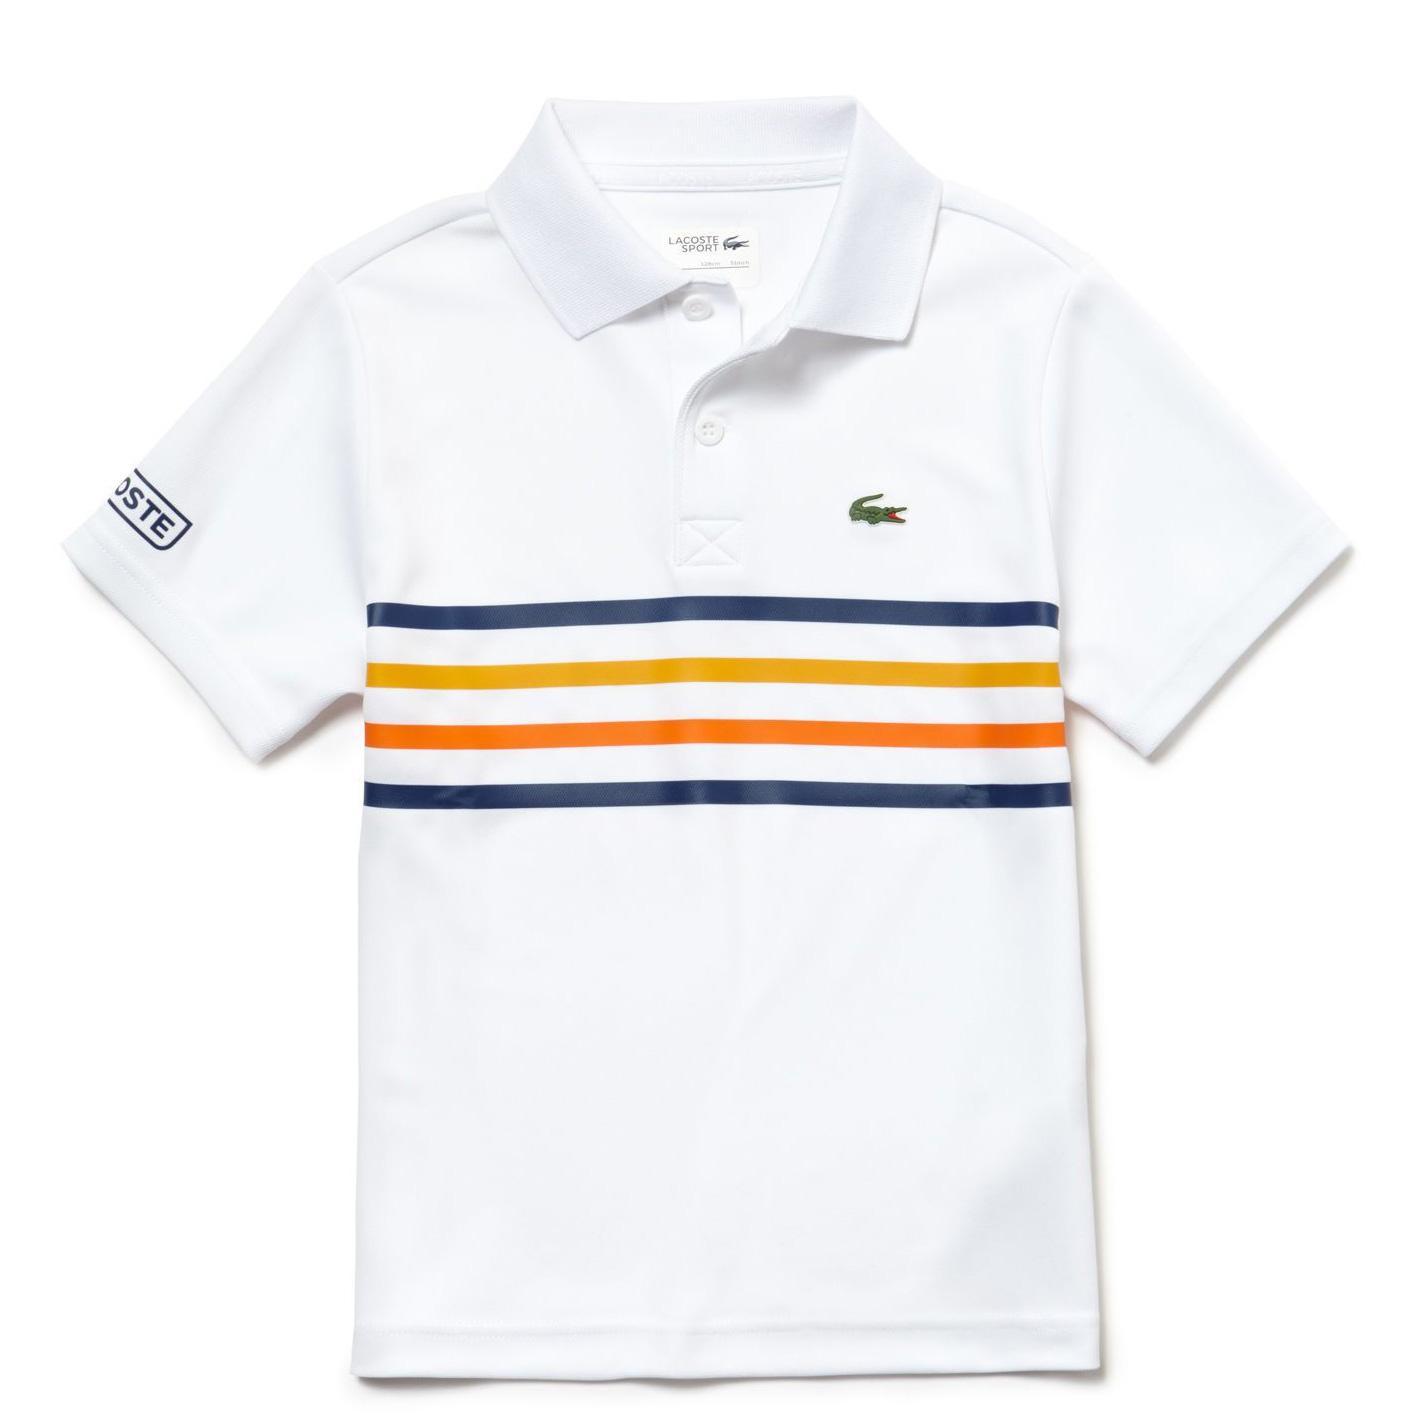 Lacoste Sport Boys Colour Block Polo - White Marino - Buttercup-Ap -  Tennisnuts.com 3ad4fe491cf